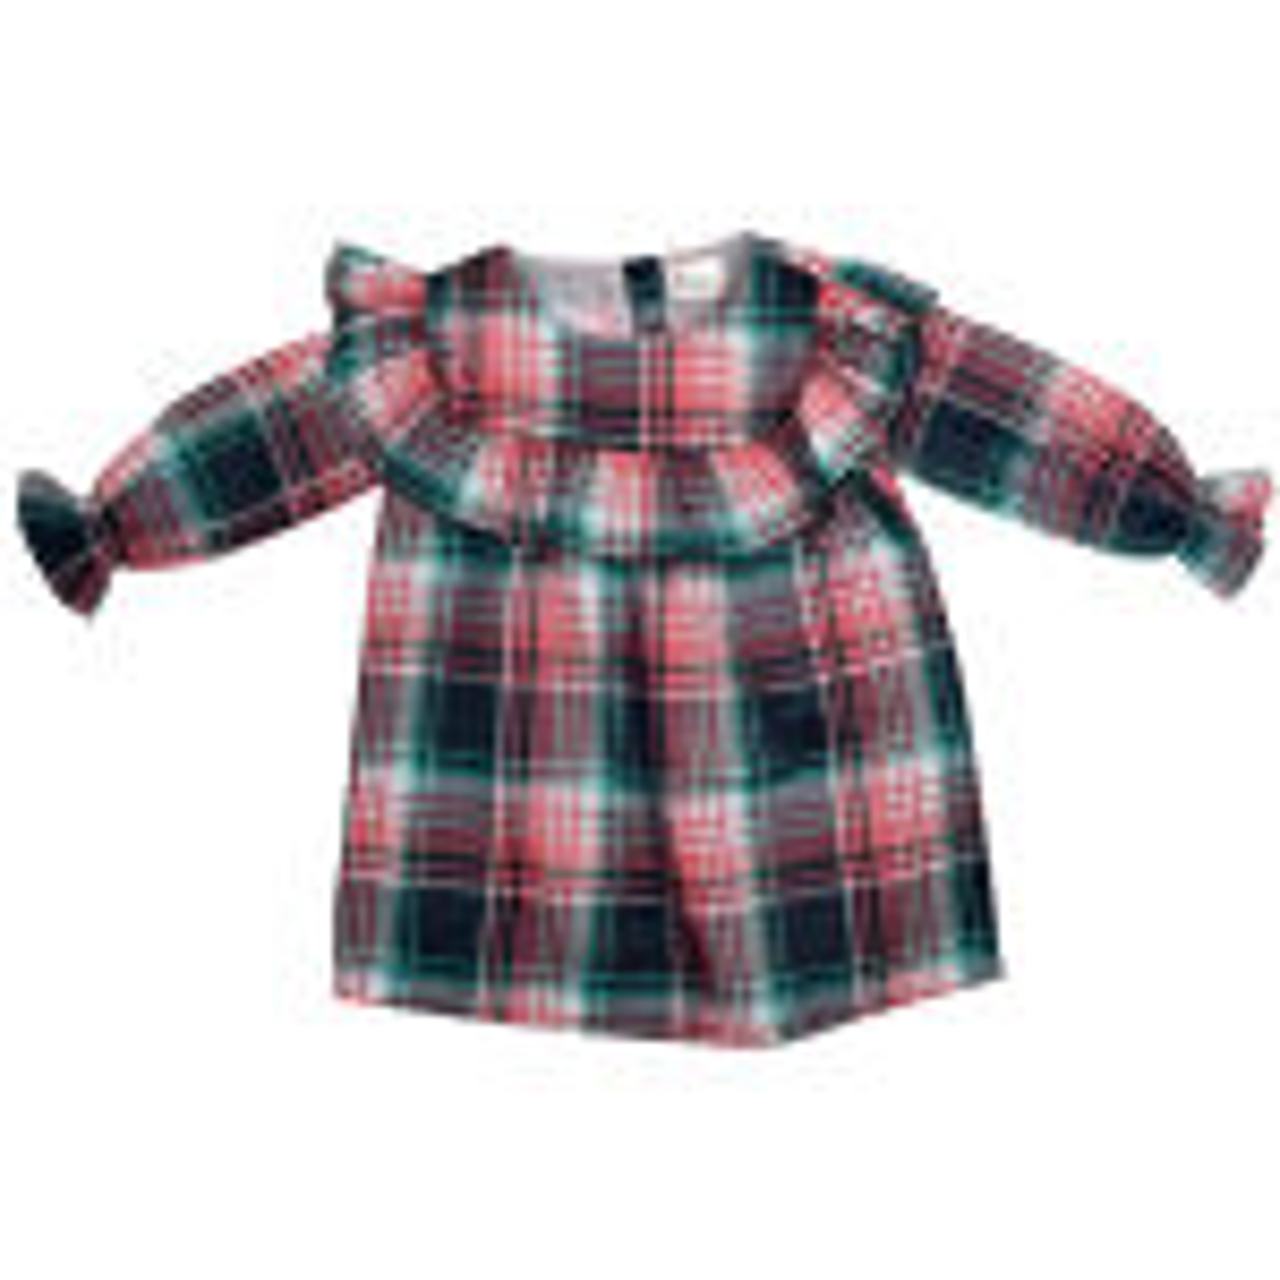 پیراهن دخترانه نیروان مدل 101096 -1 thumb